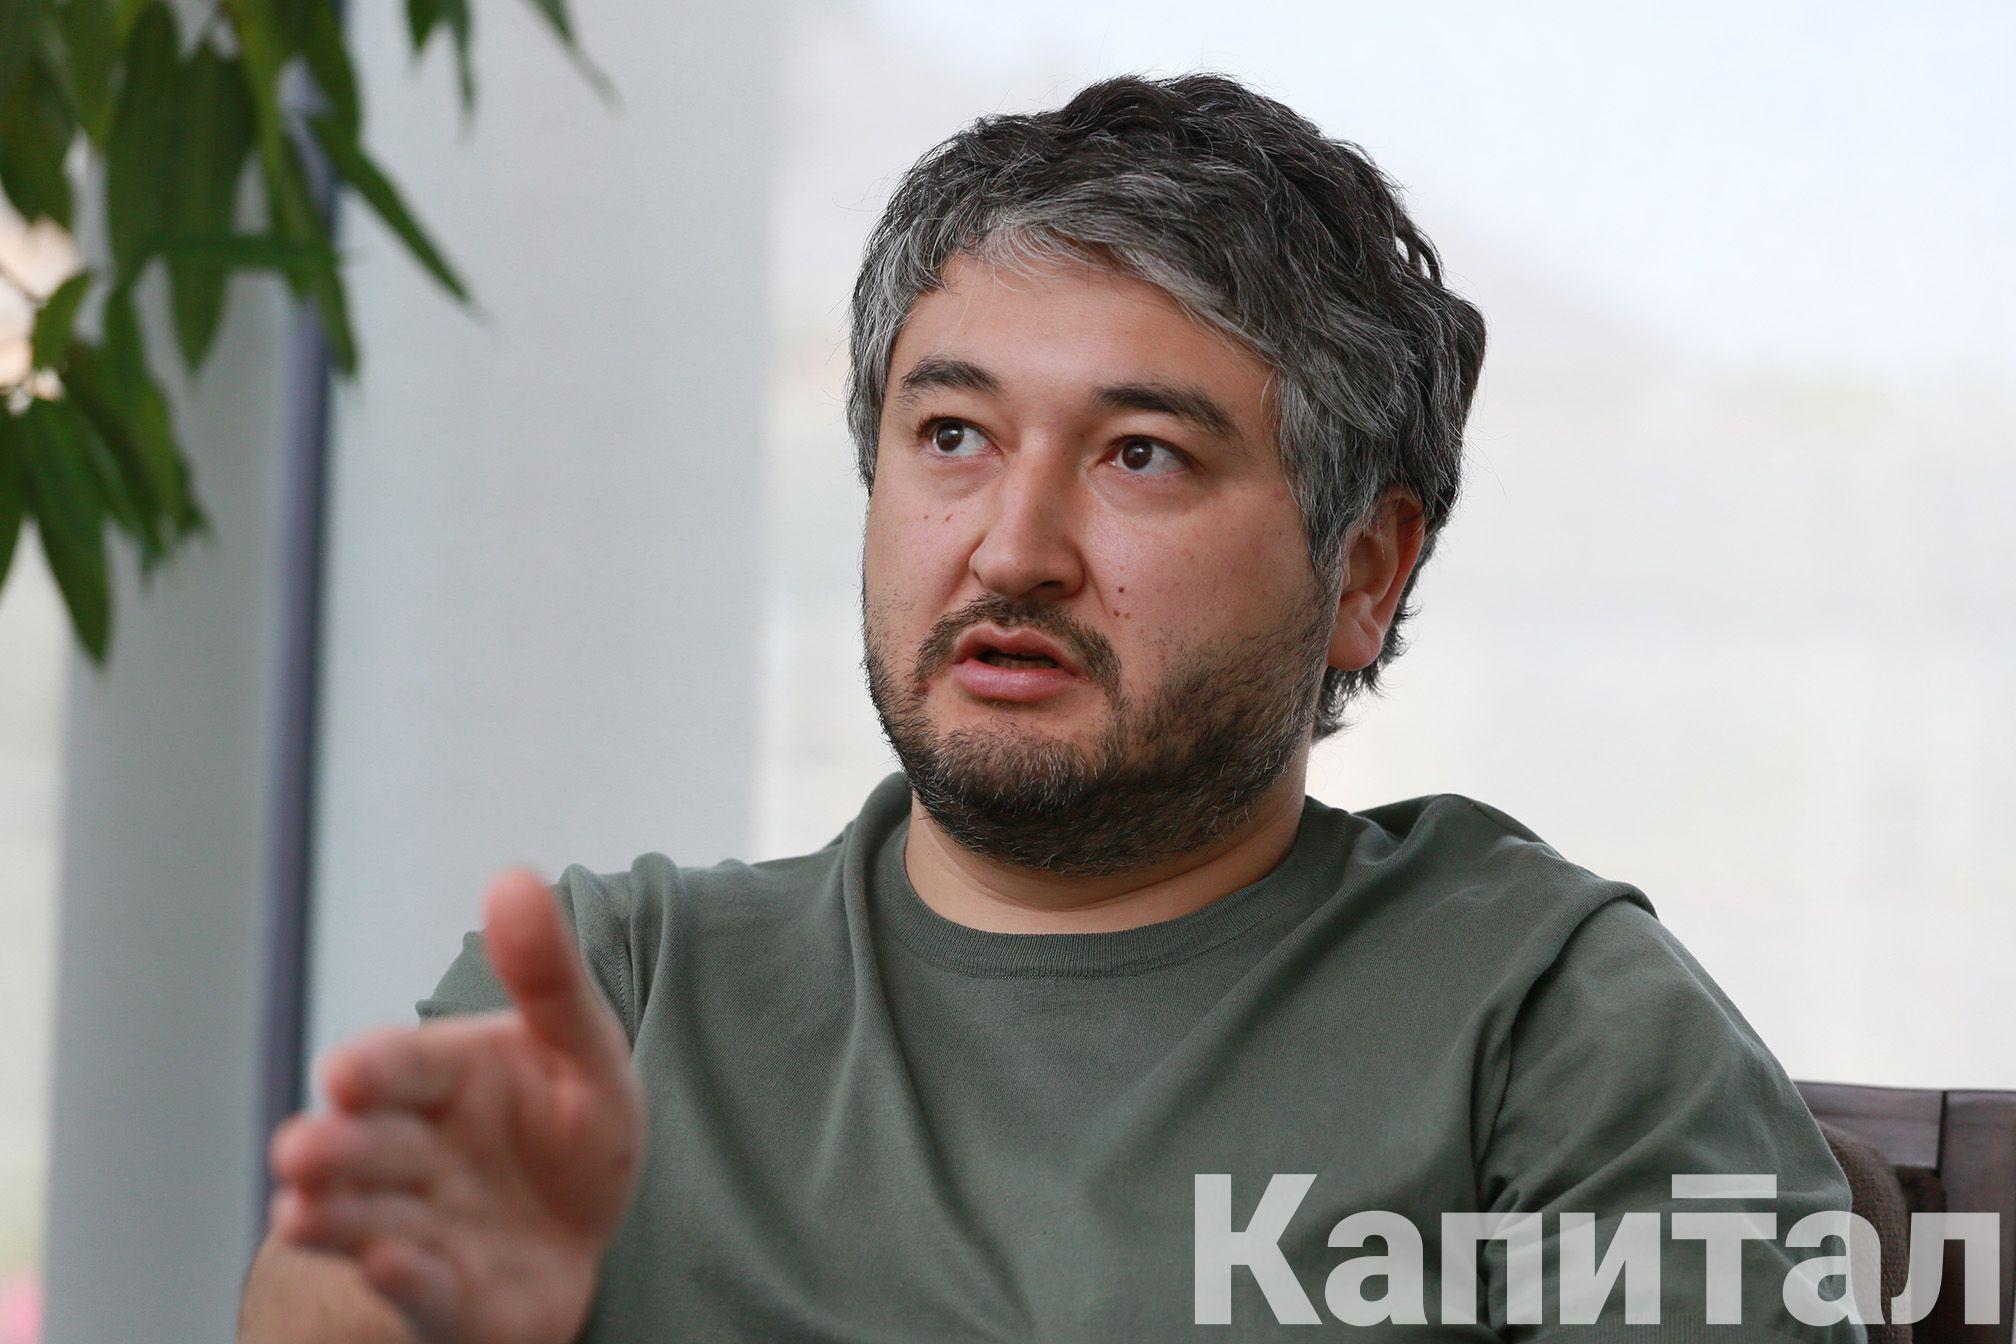 Алмас Абдыгаппаров: 90% населения задумываются об открытии ресторана 341546 - Kapital.kz